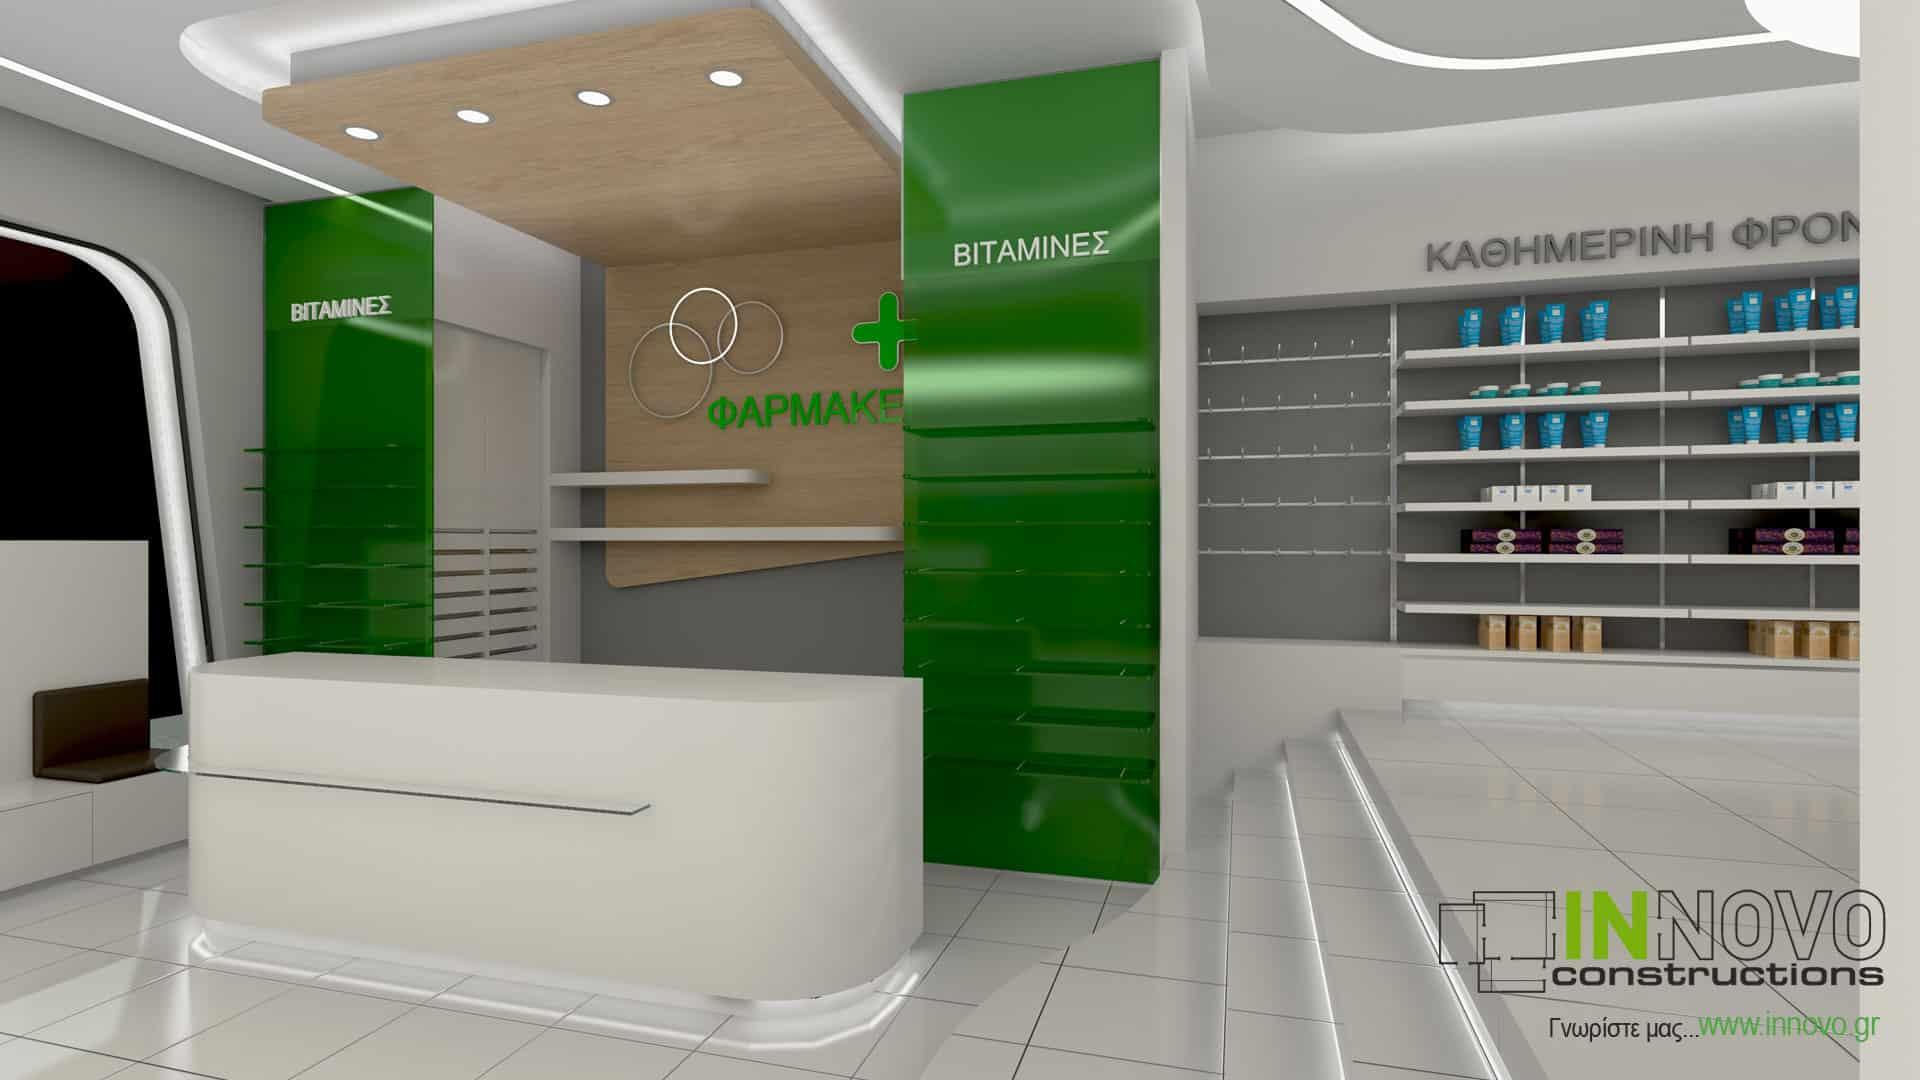 Σχεδιασμός κατασκευής φαρμακείου στην Ελευσίνα